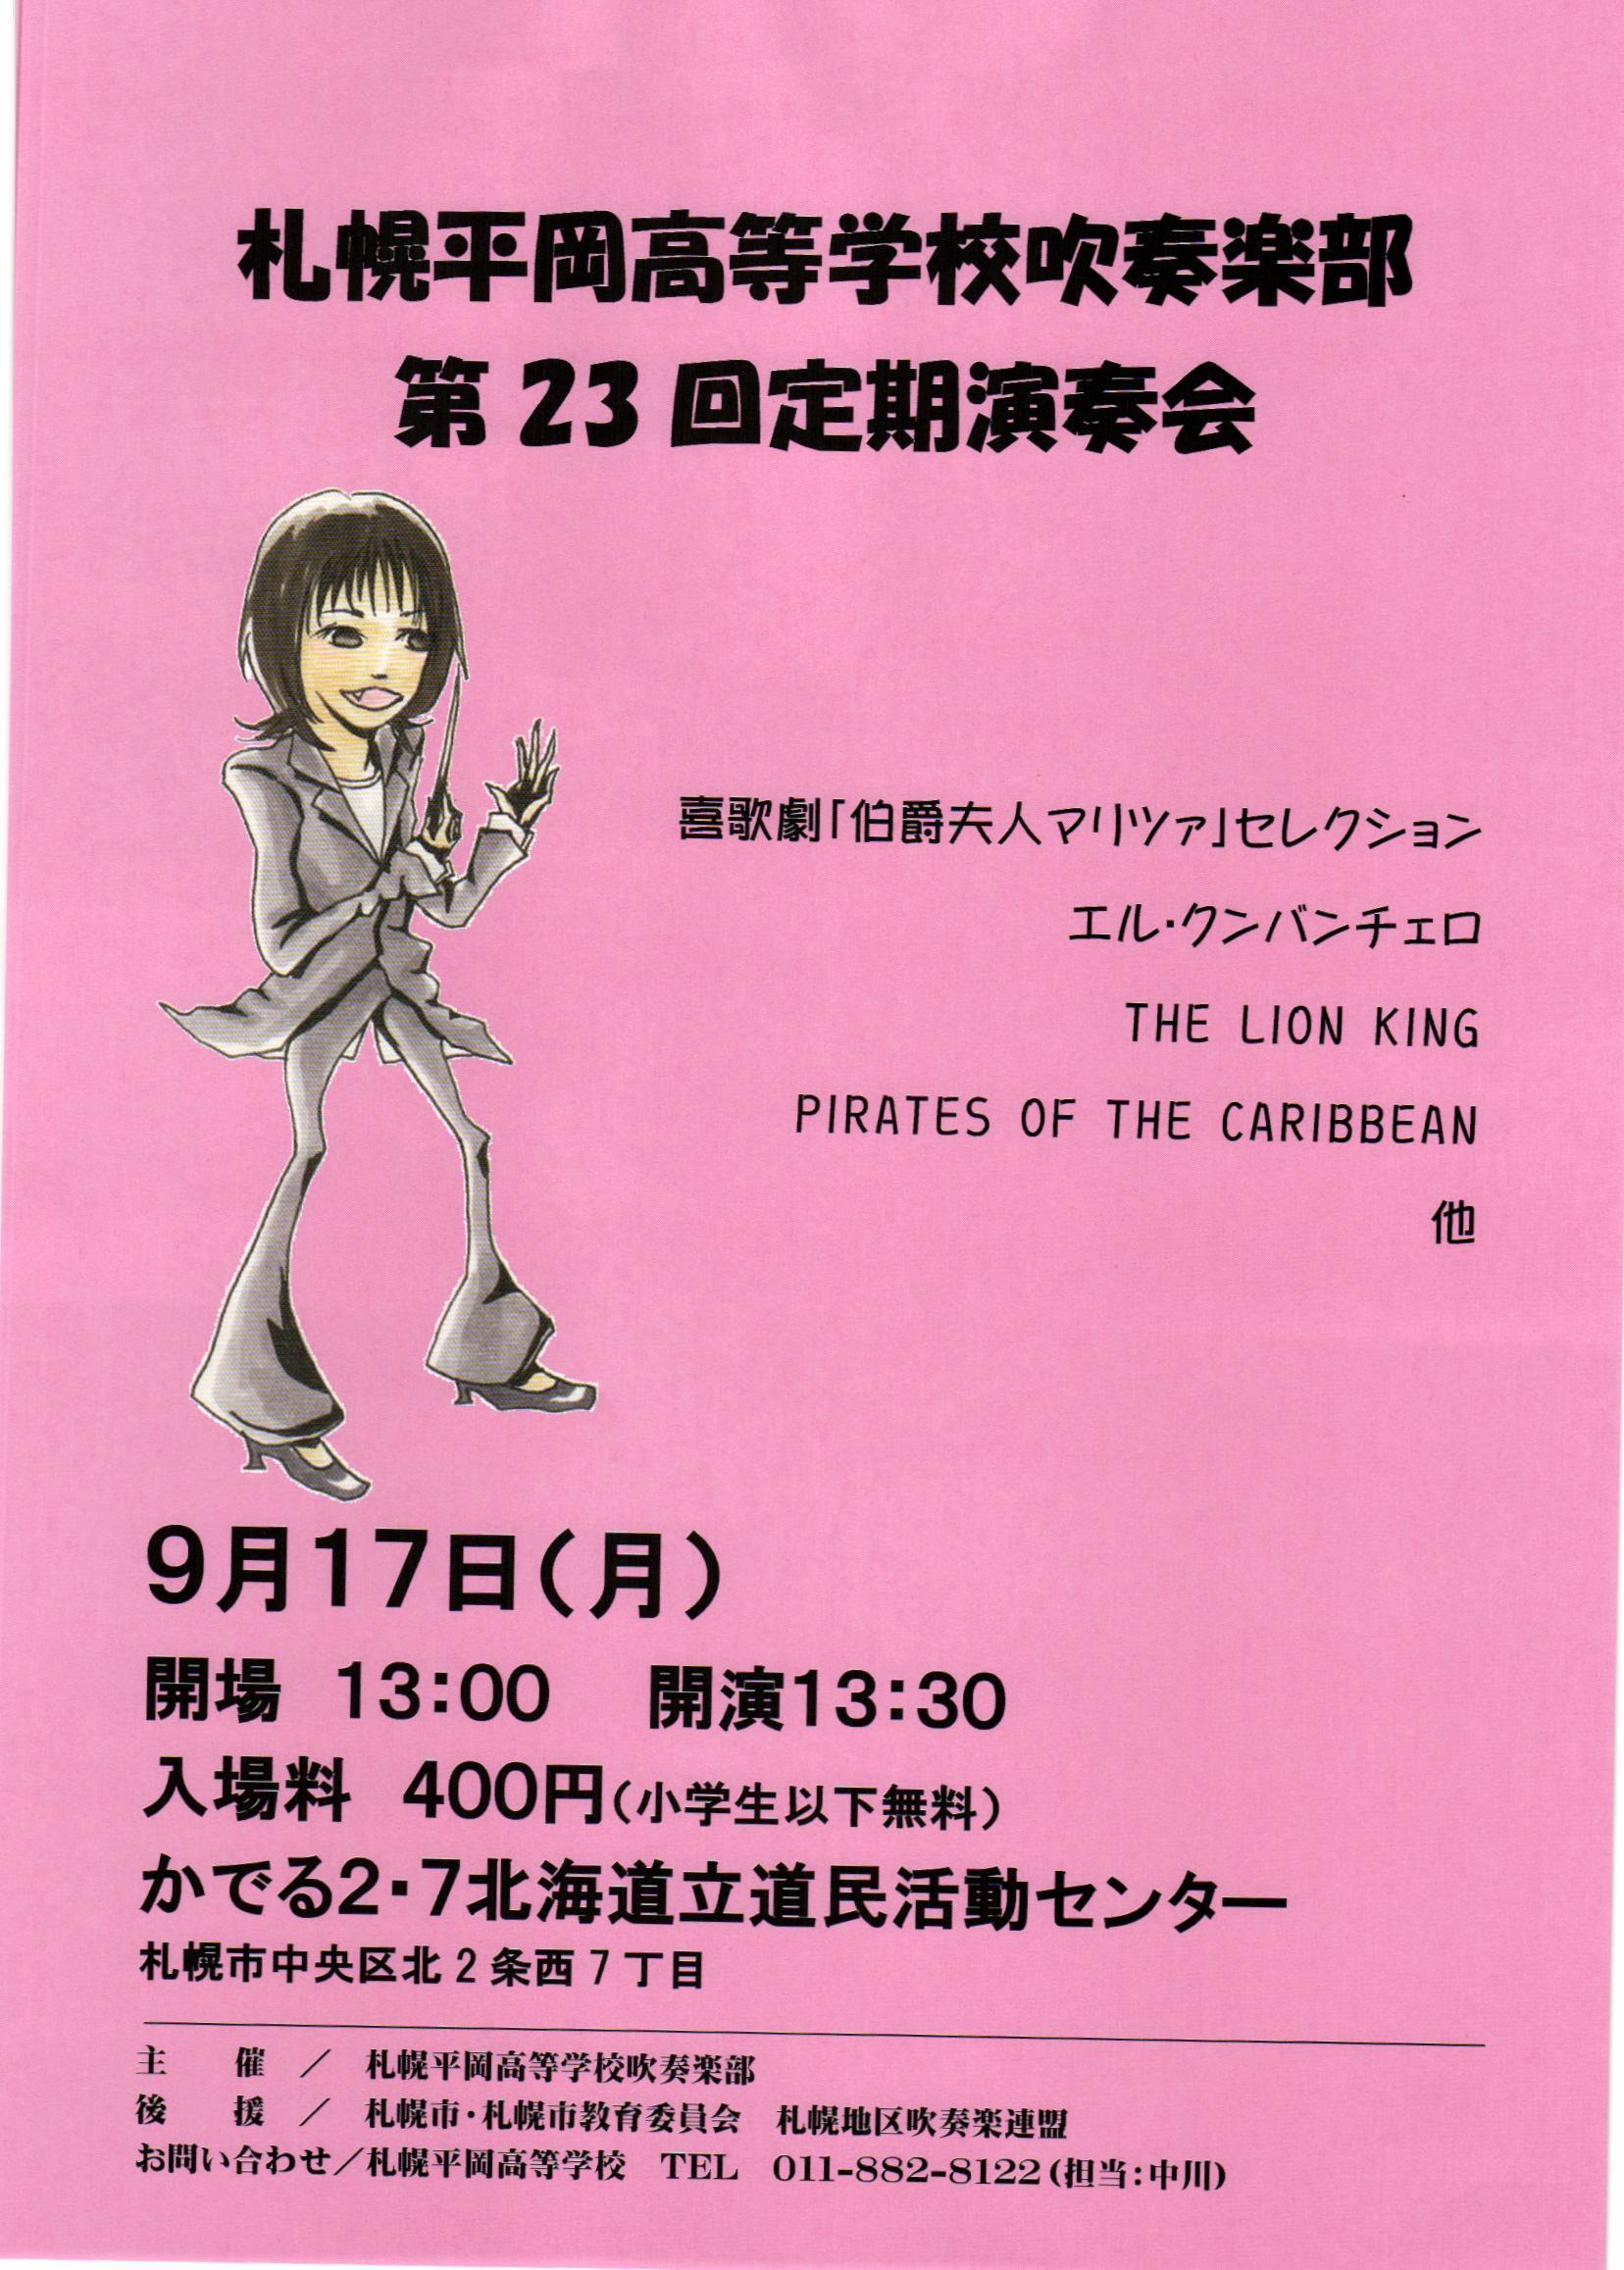 平岡高校吹奏楽部 協賛 チラシと招待チケットいただきました(^^)_b0127002_2310199.jpg